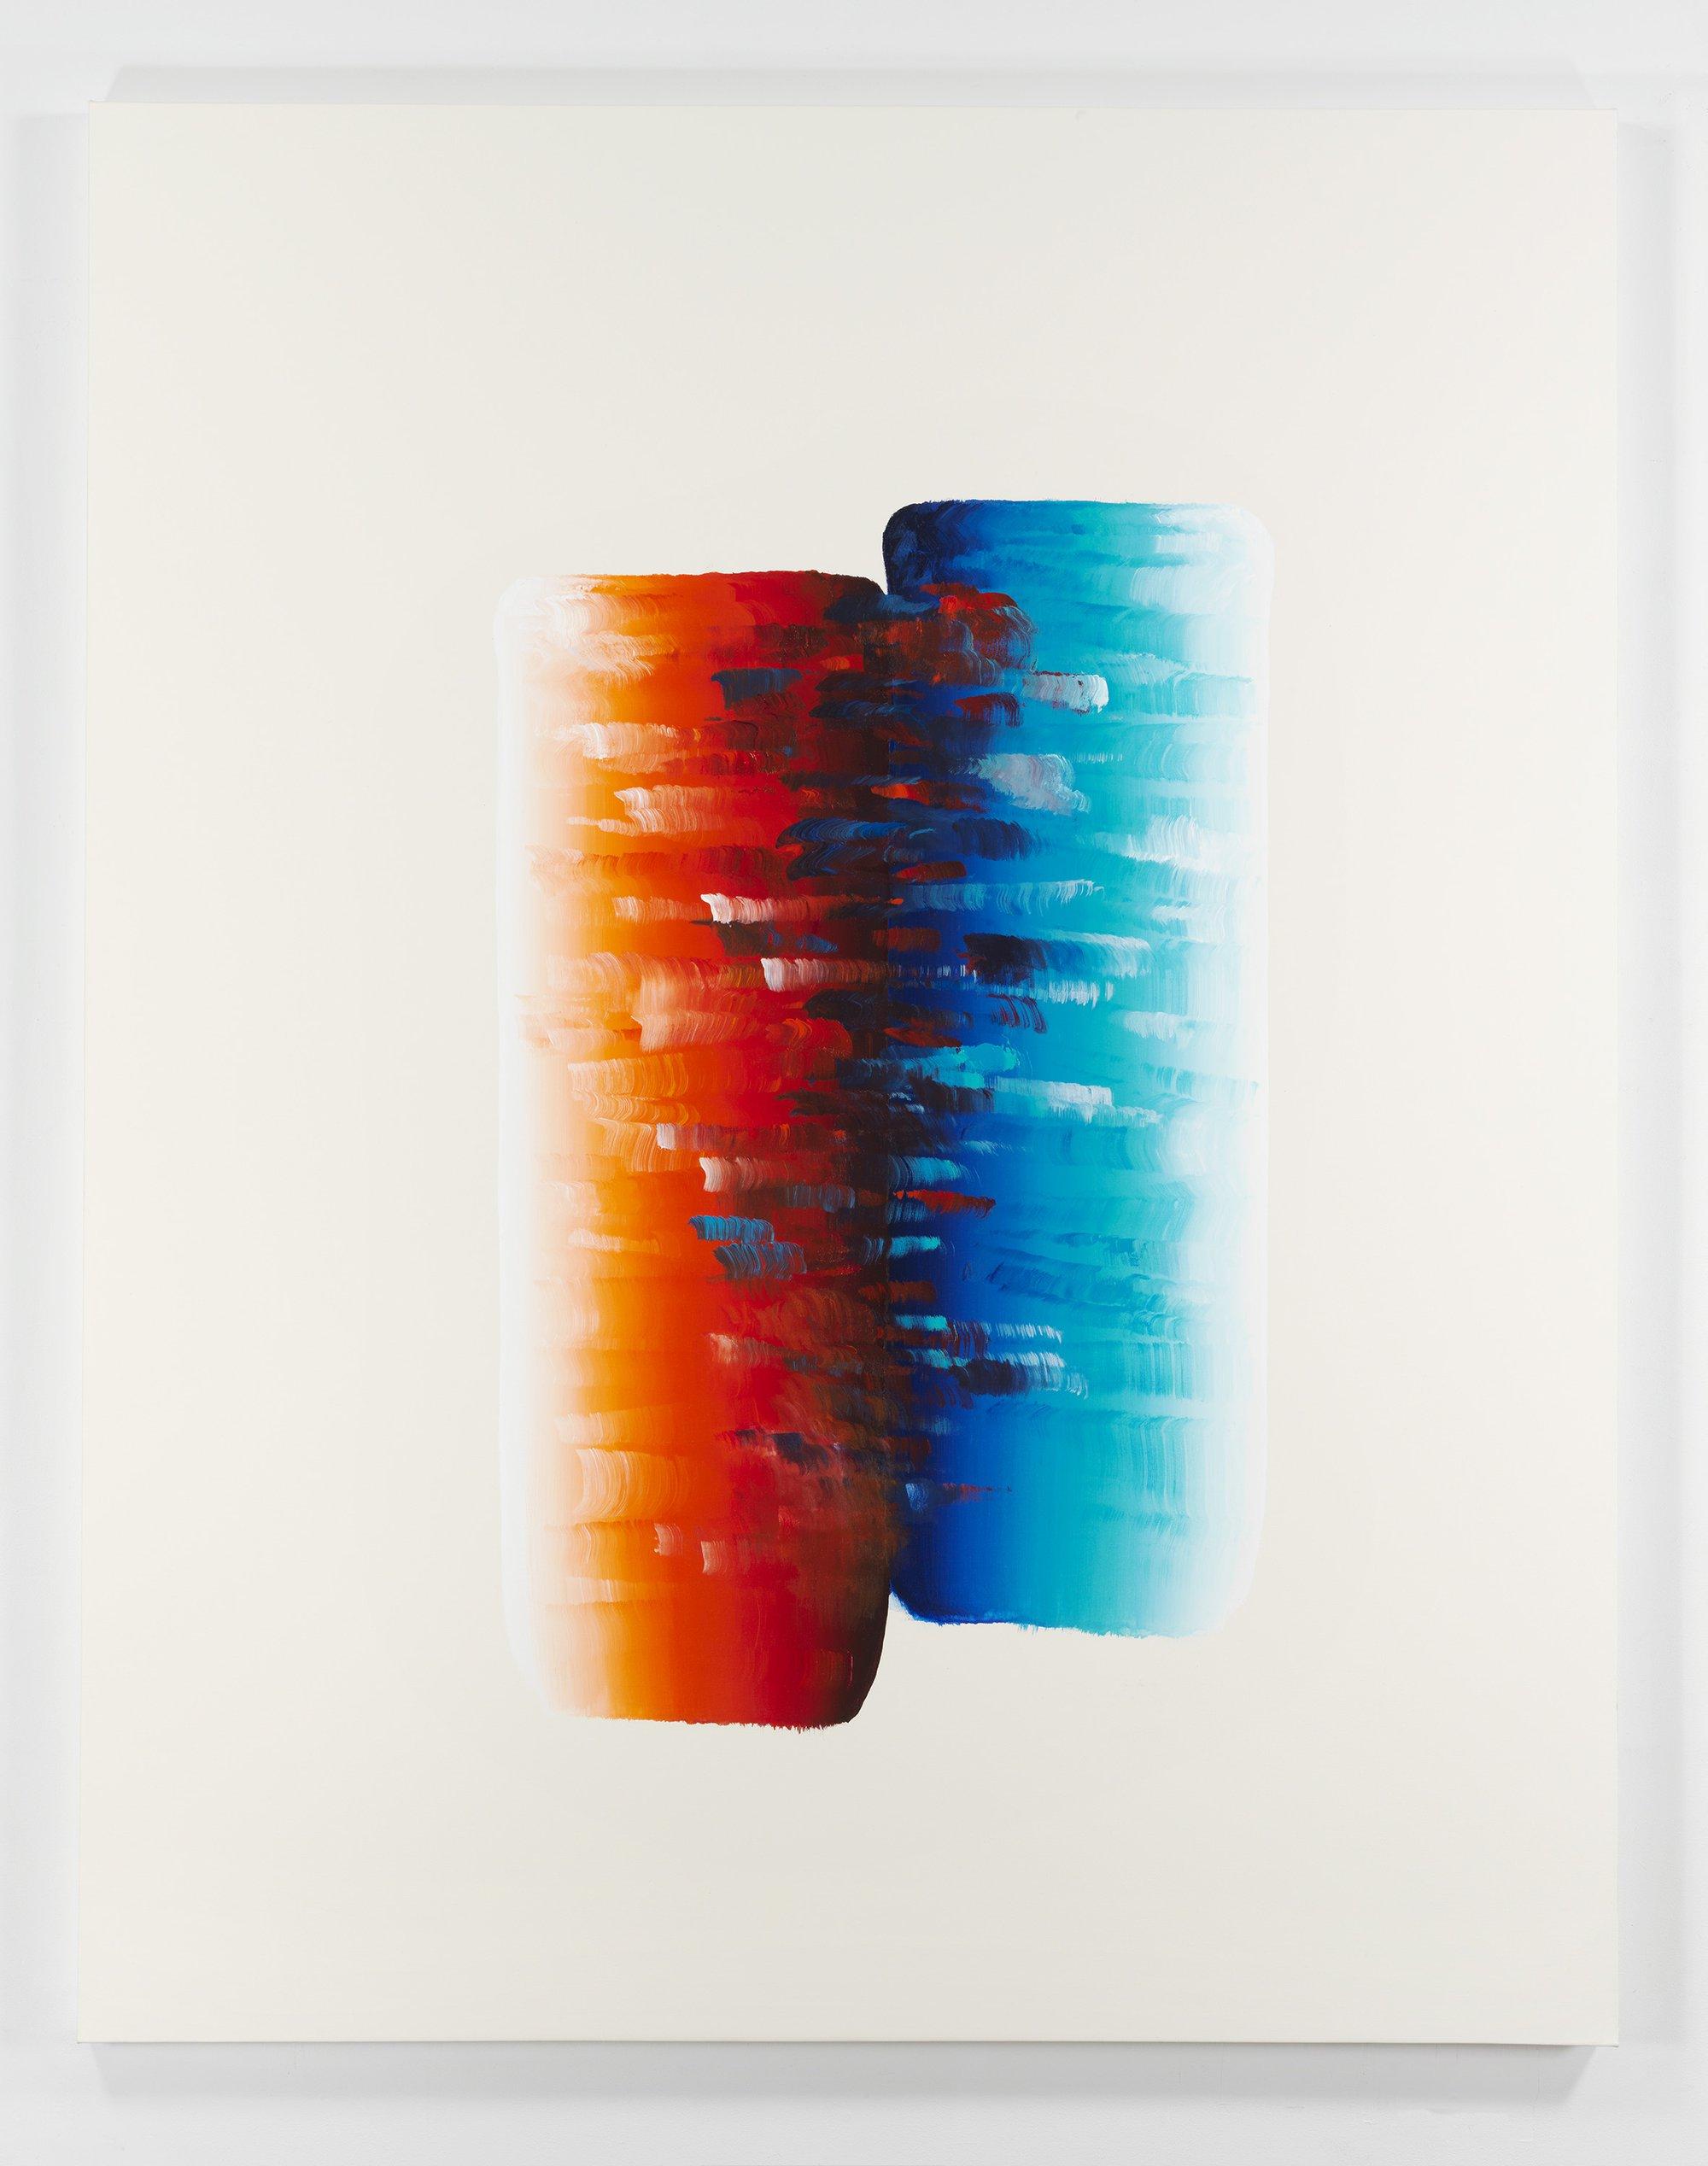 Lee Ufan Pace Gallery